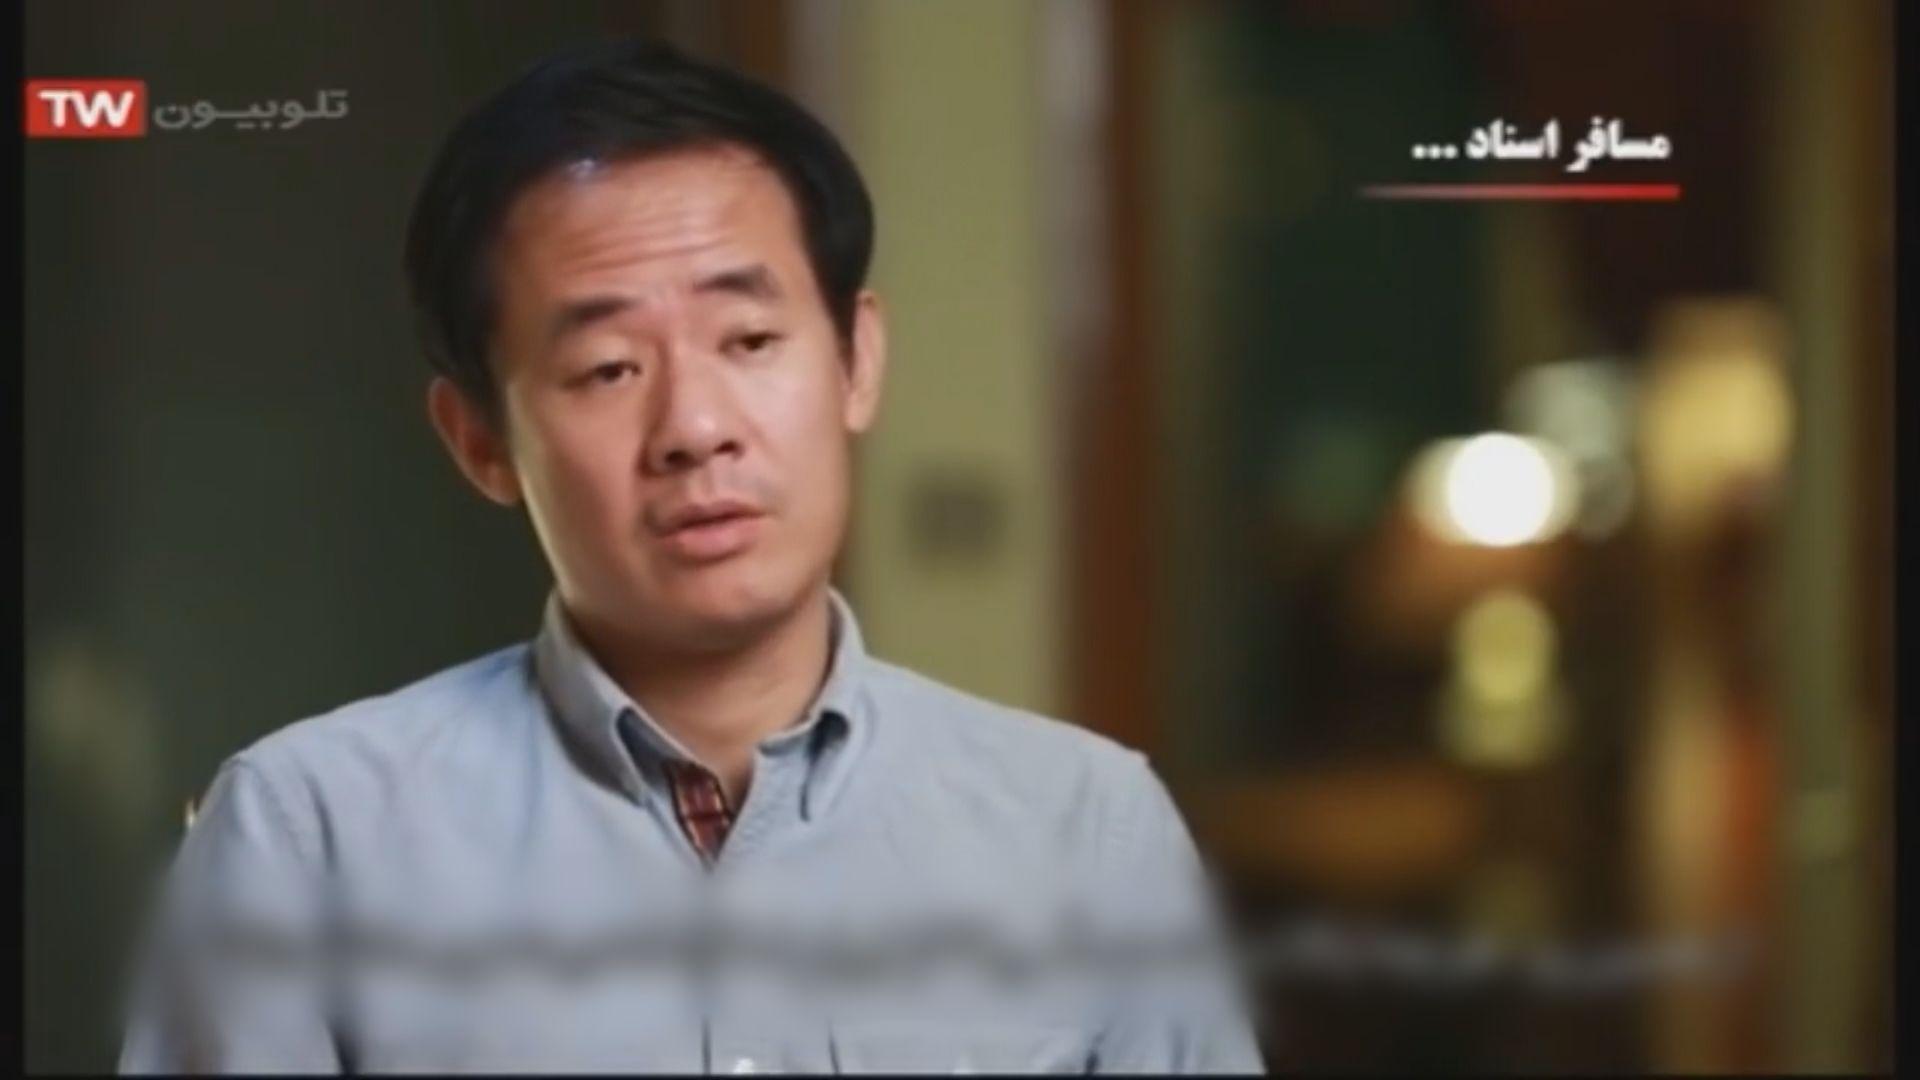 美伊兩國交換囚犯 華裔美籍學者獲釋